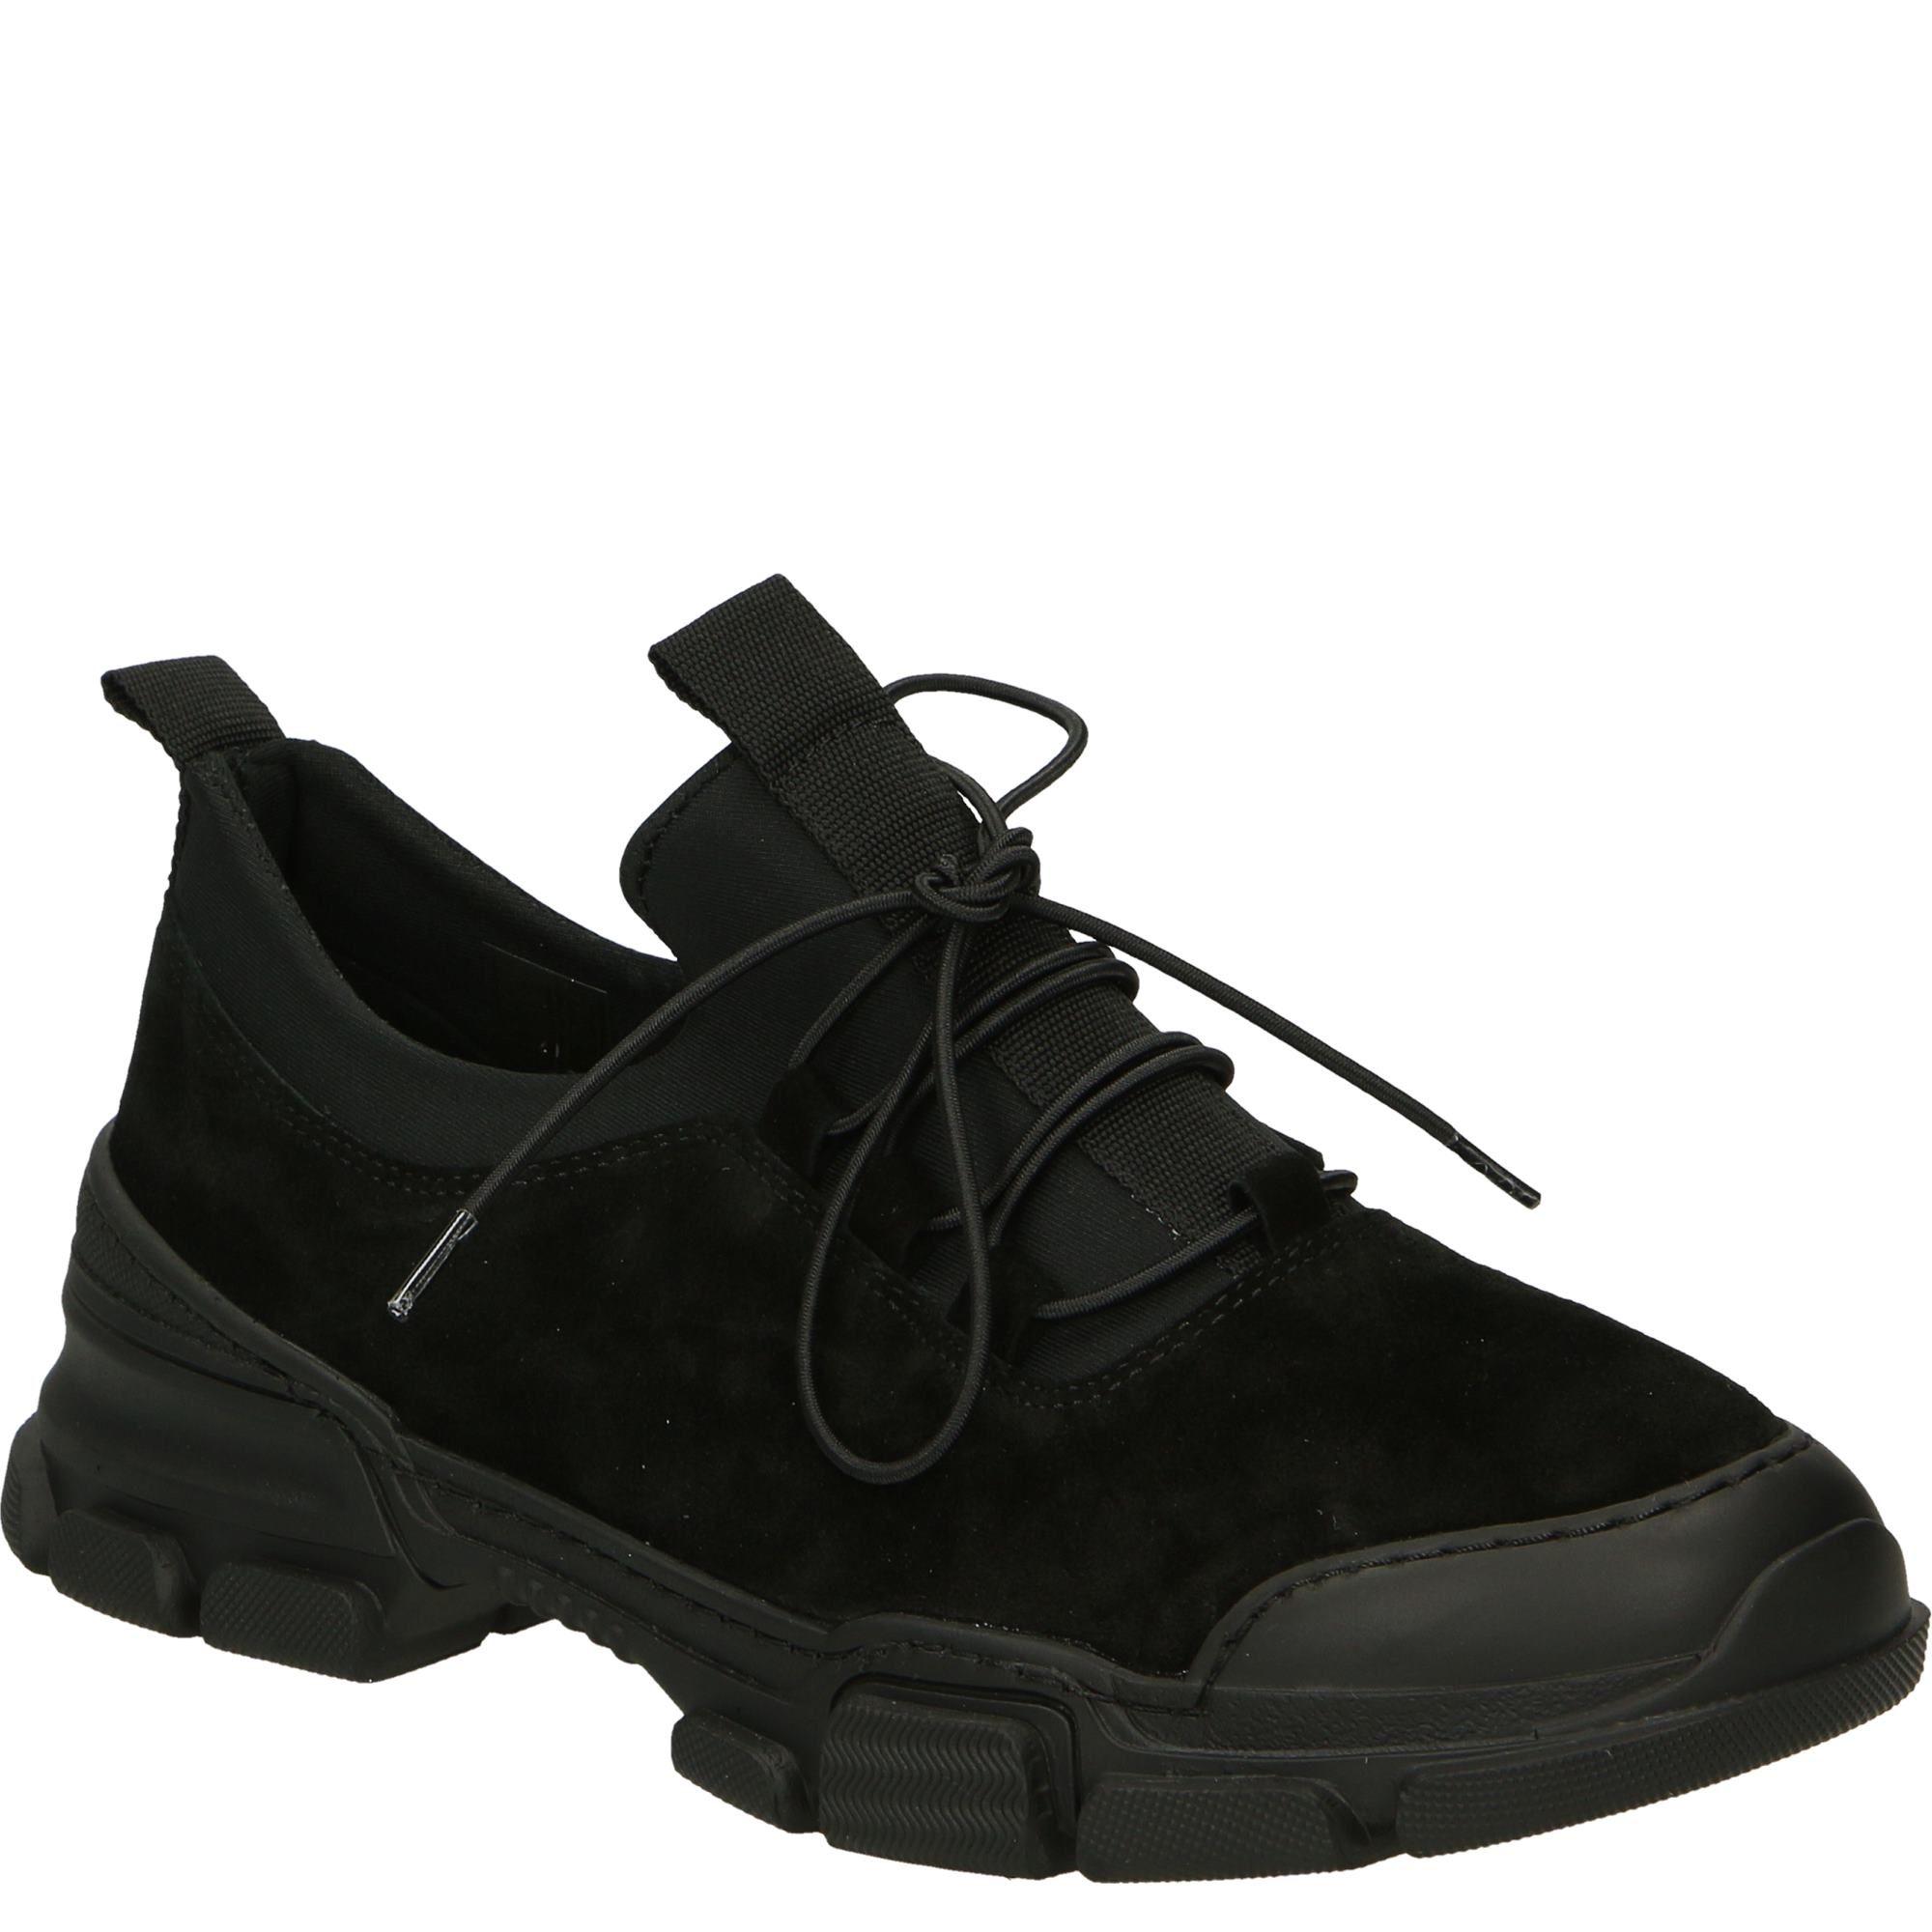 Sportowe Polbuty Z Zamszu 0226192319k Blac Shoes Sneakers Nike Nike Huarache